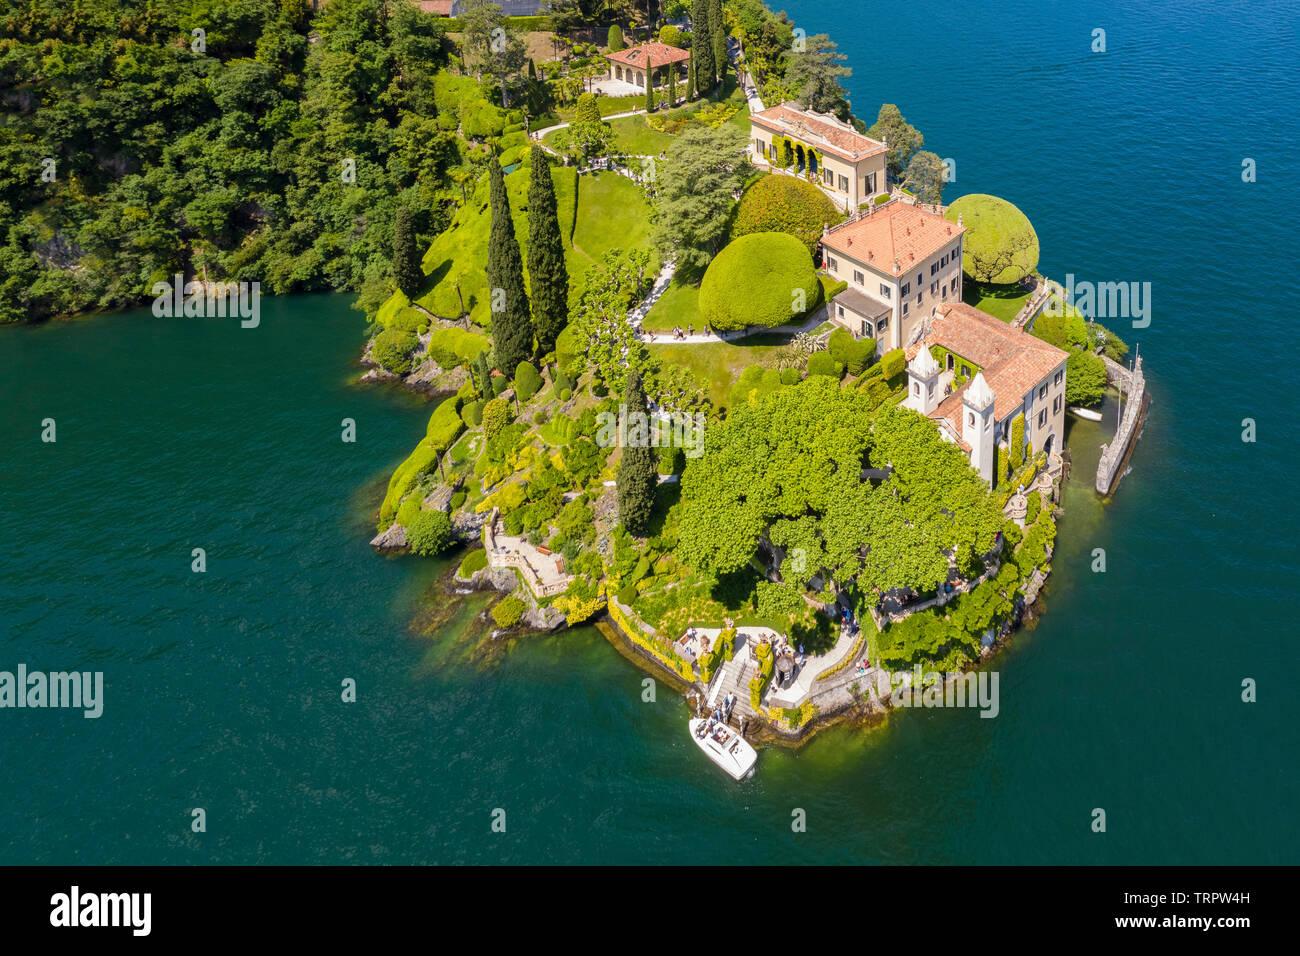 Aerial view of the Villa del Balbianello, on the Lavedo peninsula. Lenno, Tremezzina, Como Lake, Lombardy, Italy. Stock Photo